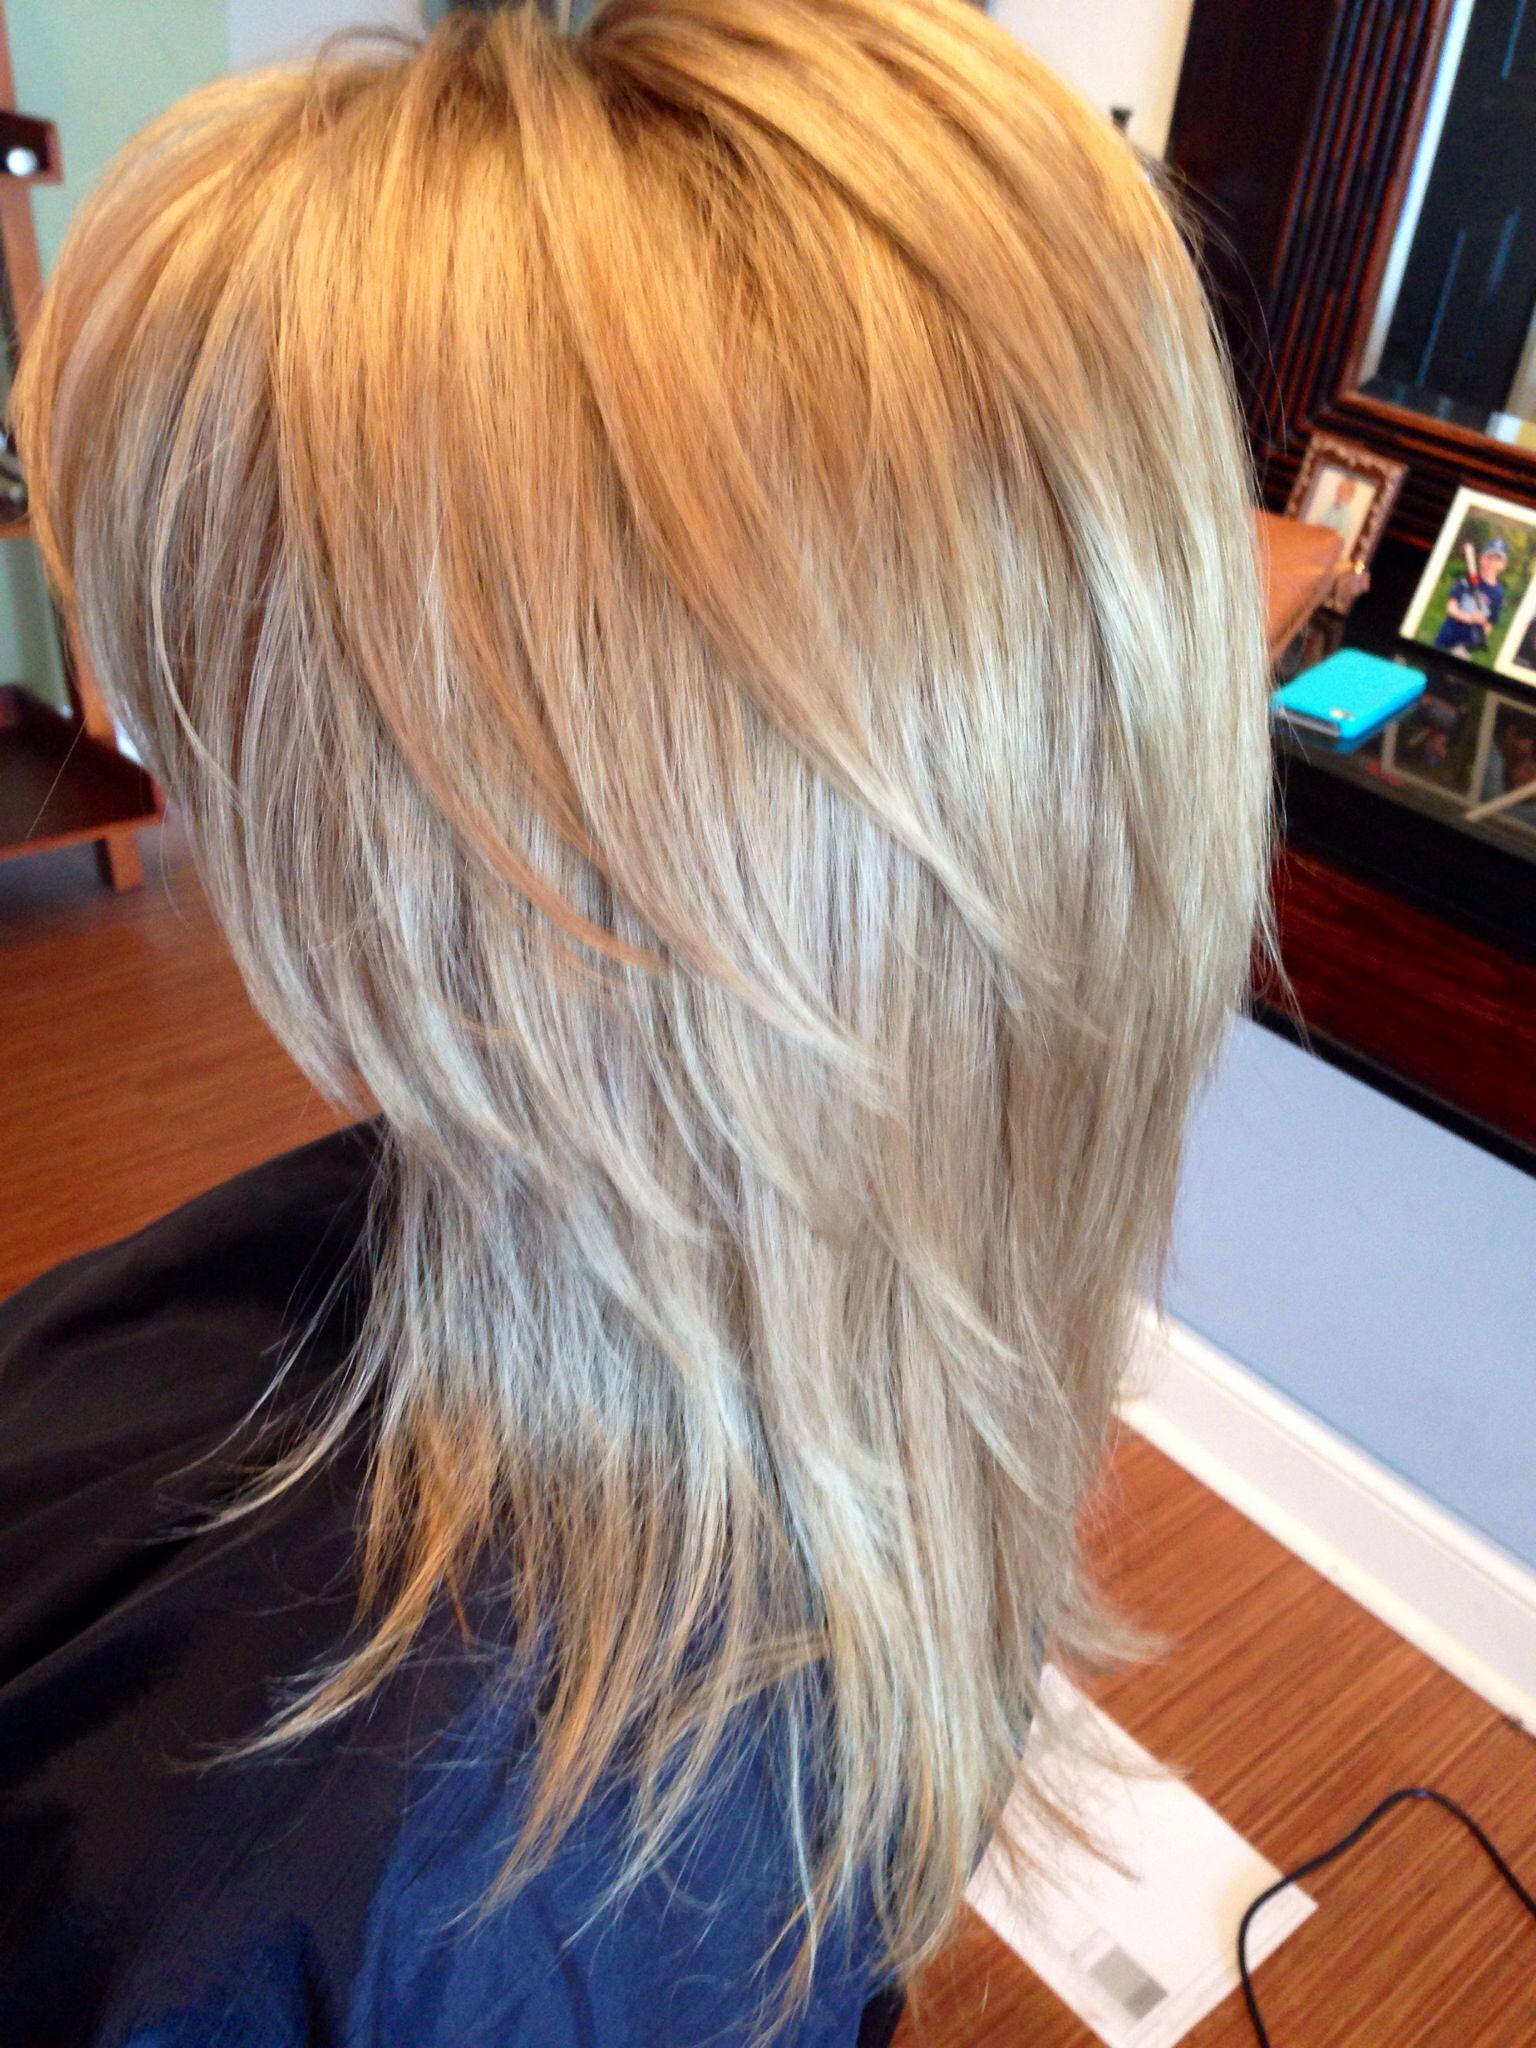 #thomasdavidsalon hair styles